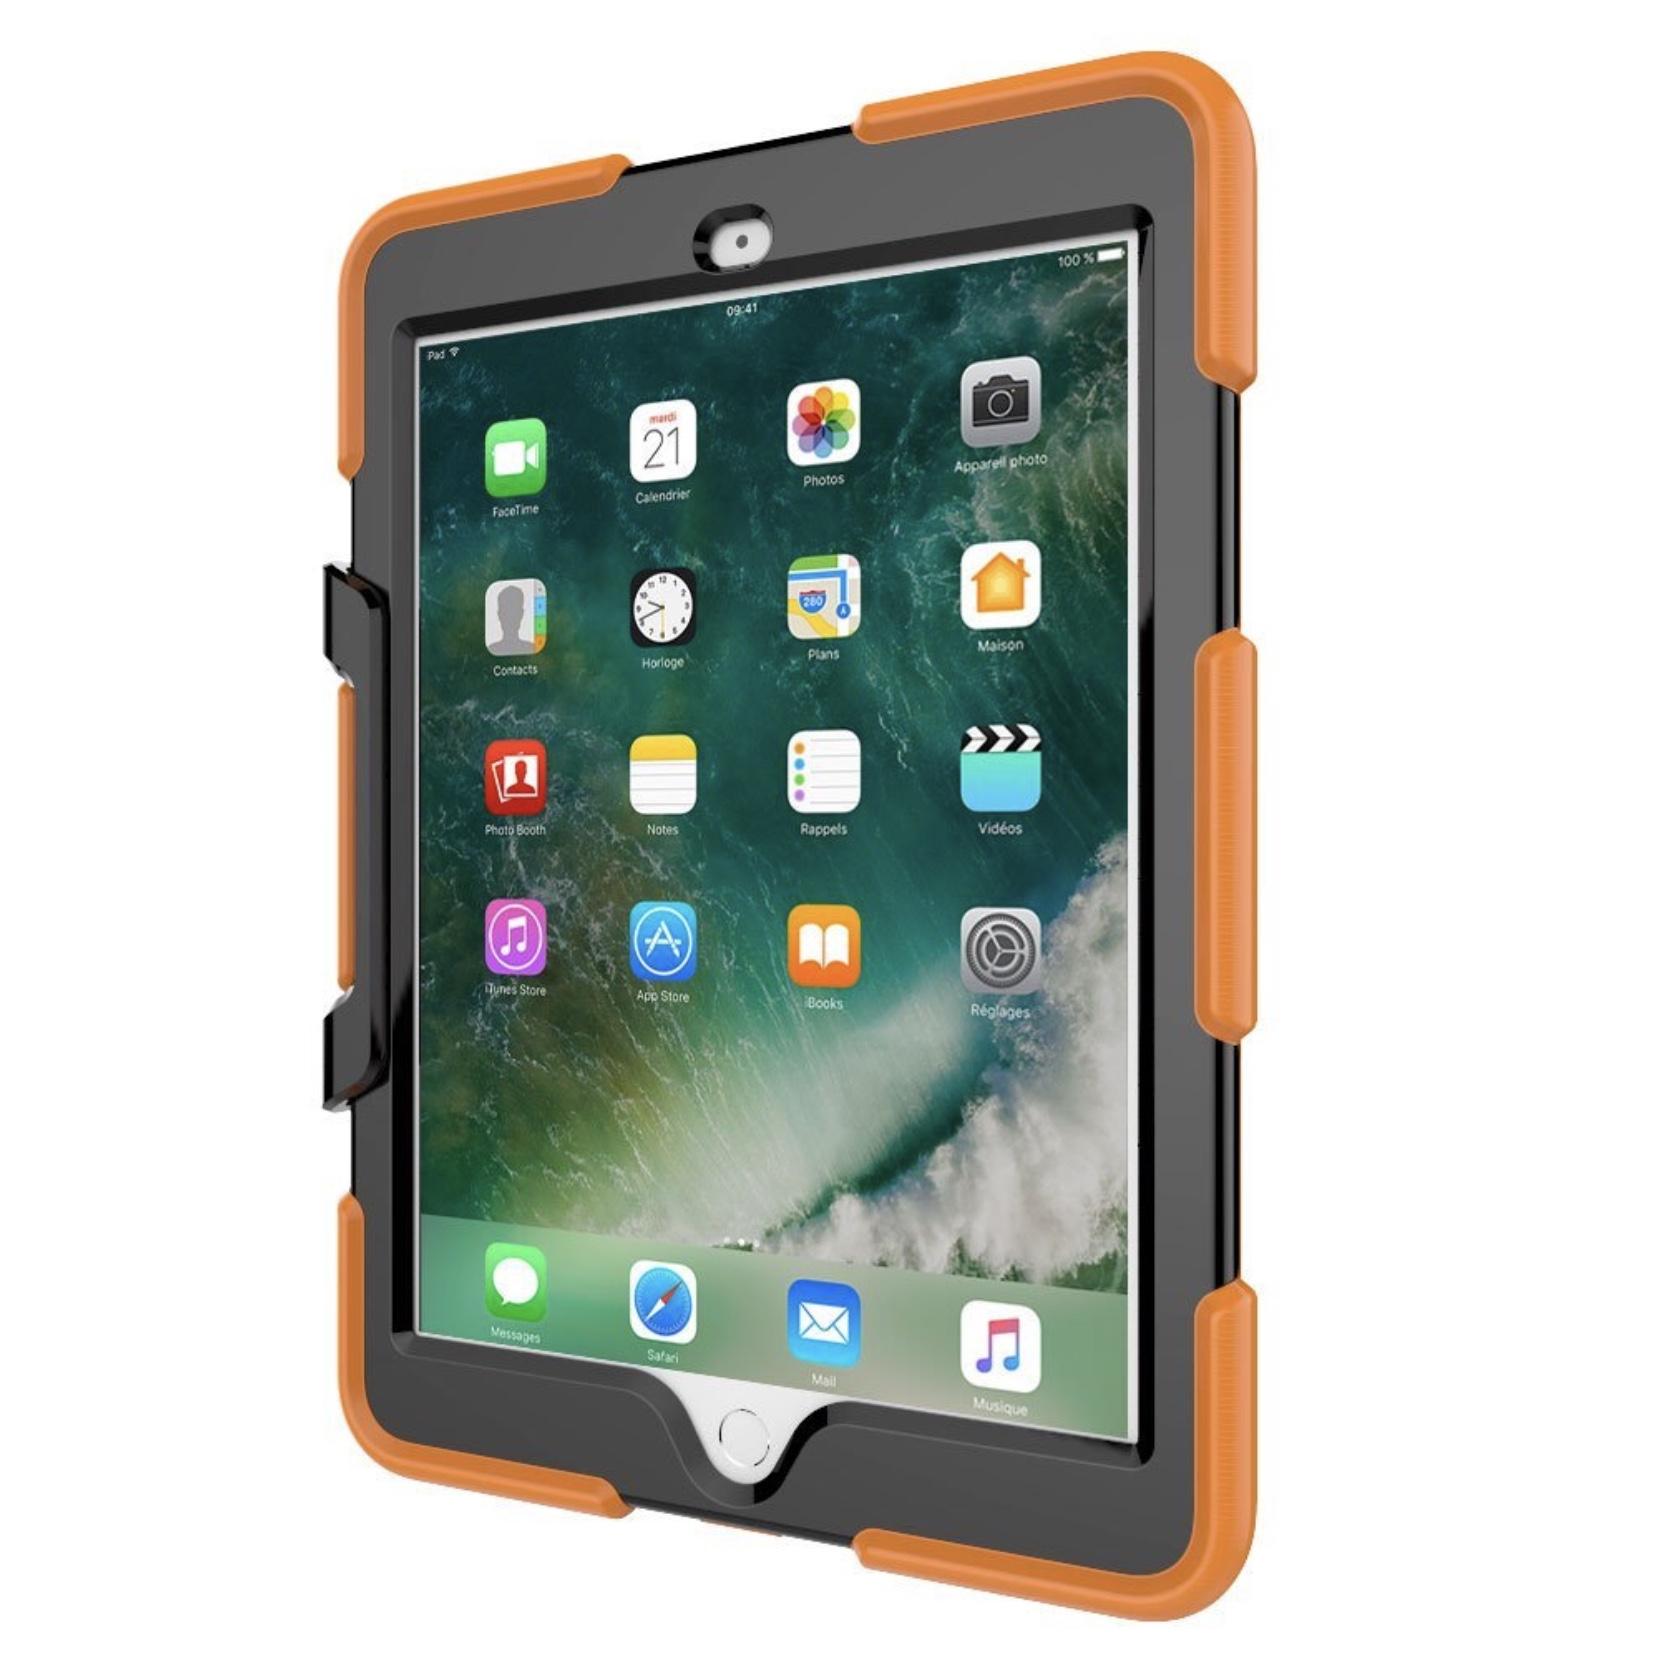 Coque New iPAD 9.7 pouces Protection renforcée Toronto Orange